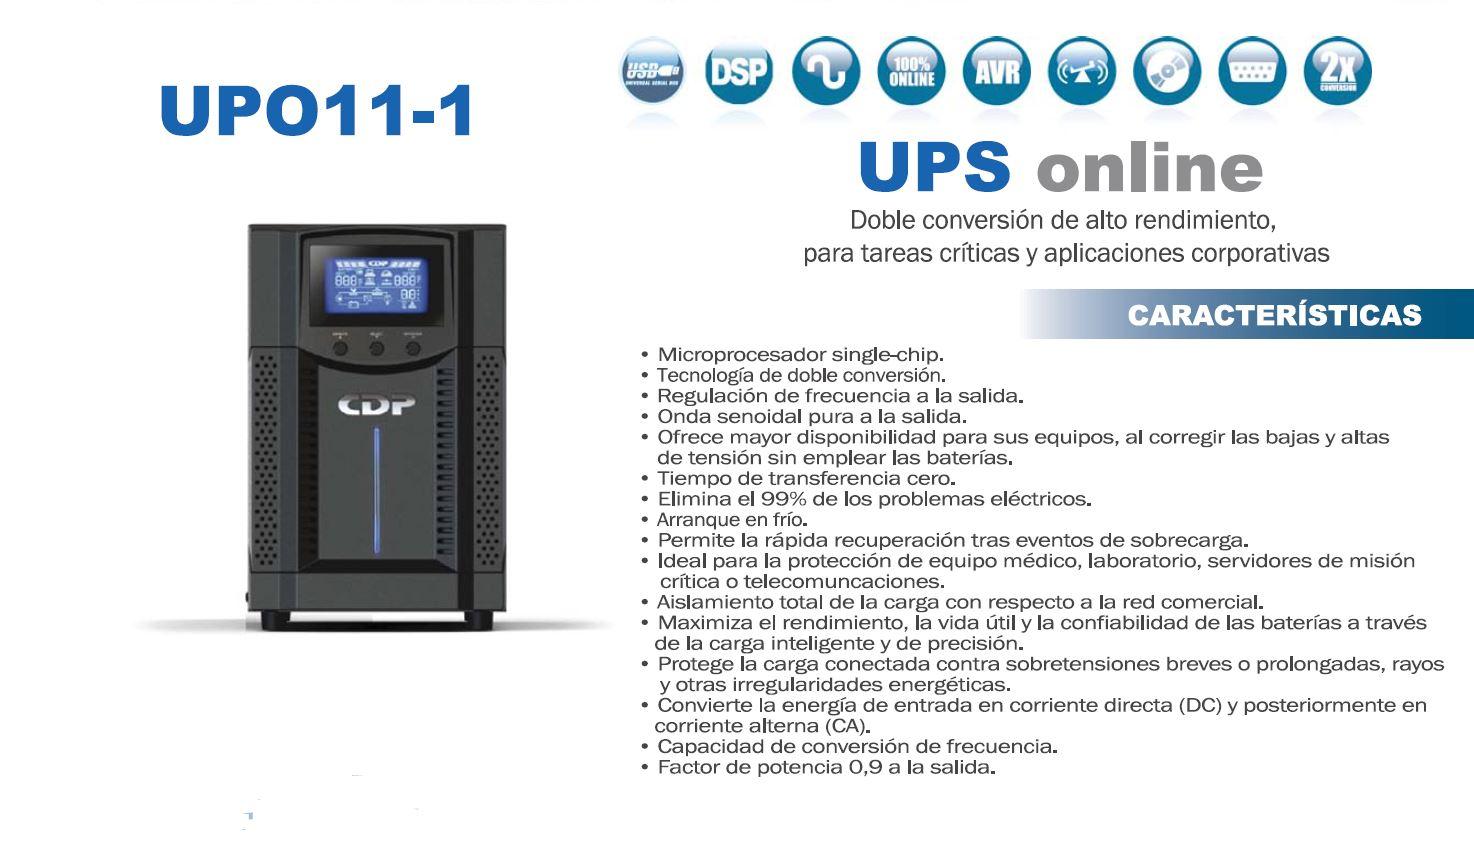 Respaldo de energia para Computadoras - UPS CDP ONLINE UPO11-1 1000VA 5